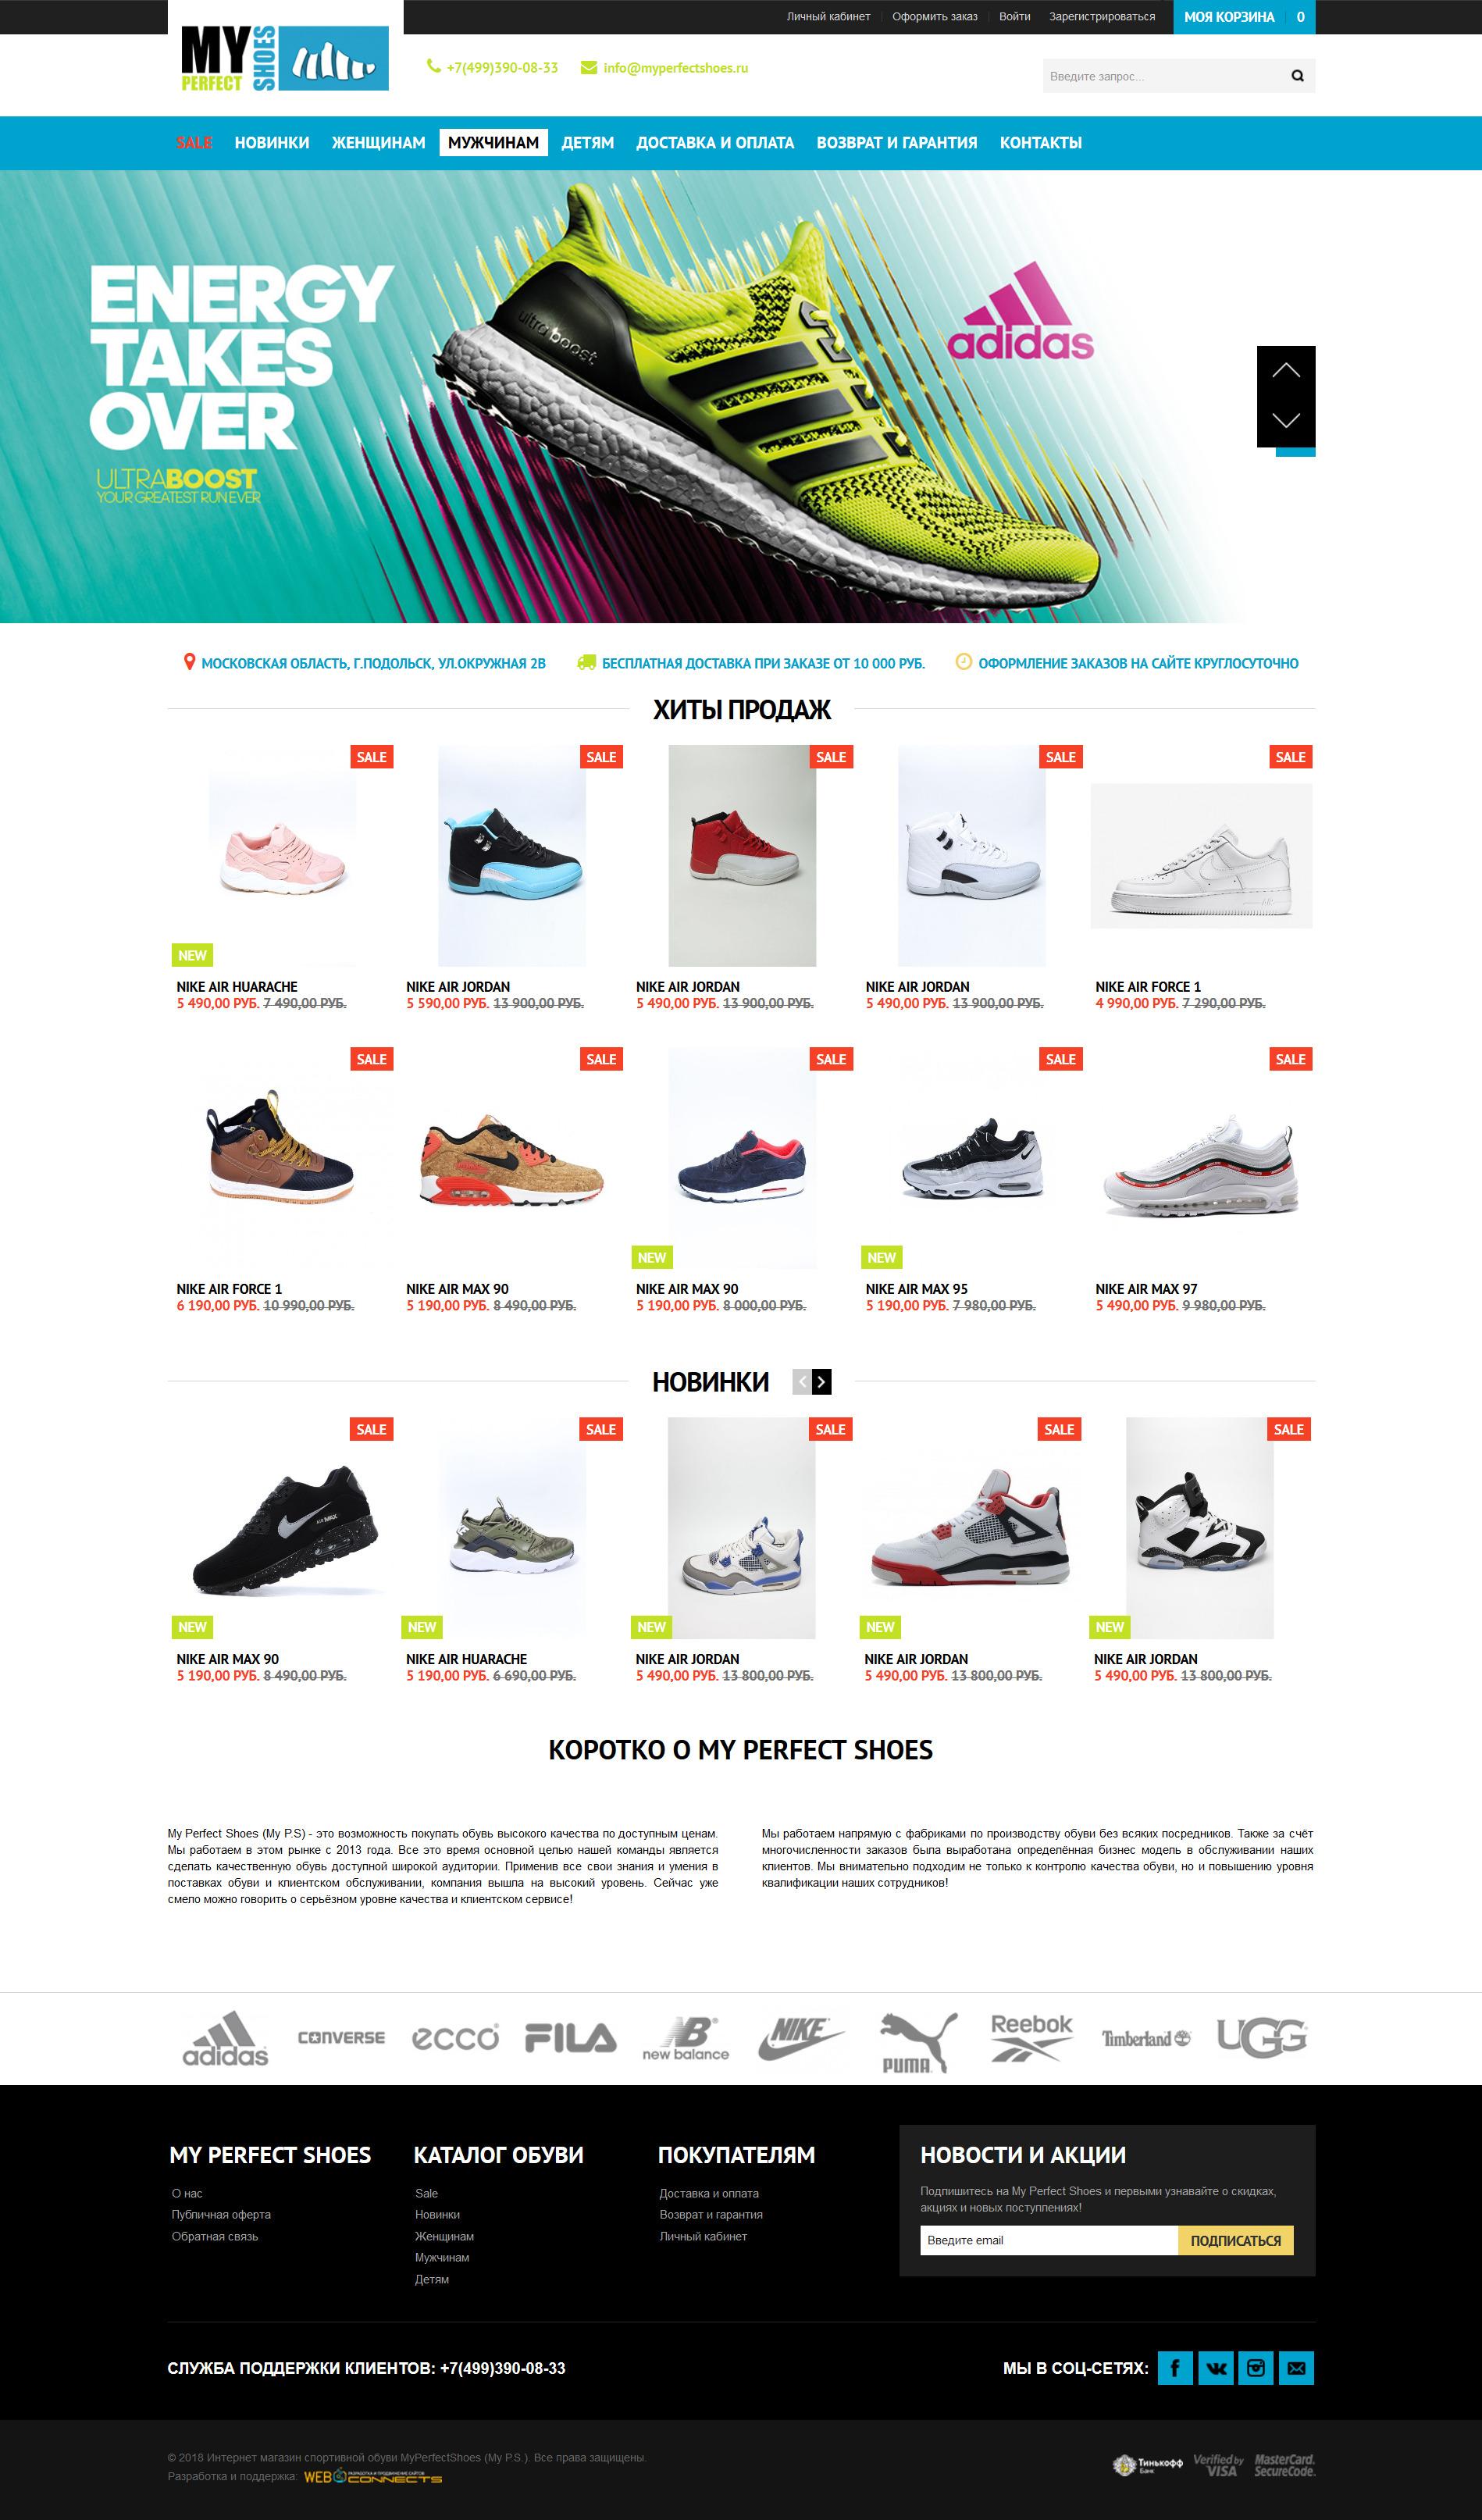 www.myperfectshoes.ru